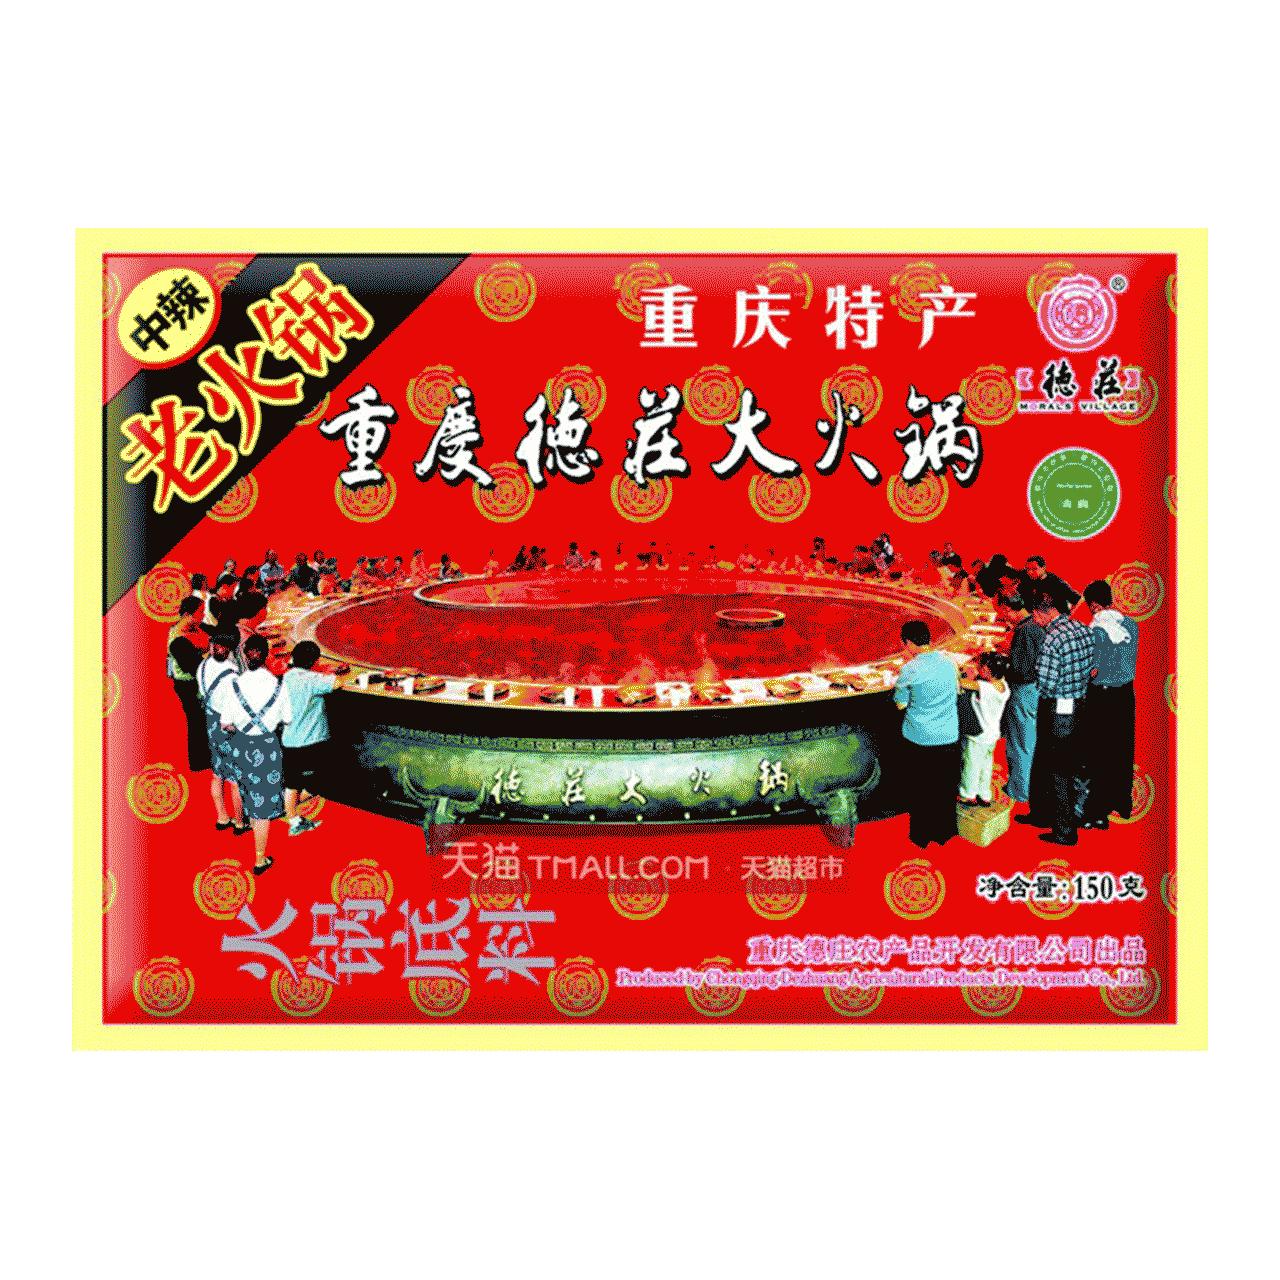 【天猫超市】德庄 老火锅中辣火锅底料150g重庆特产调料调味料